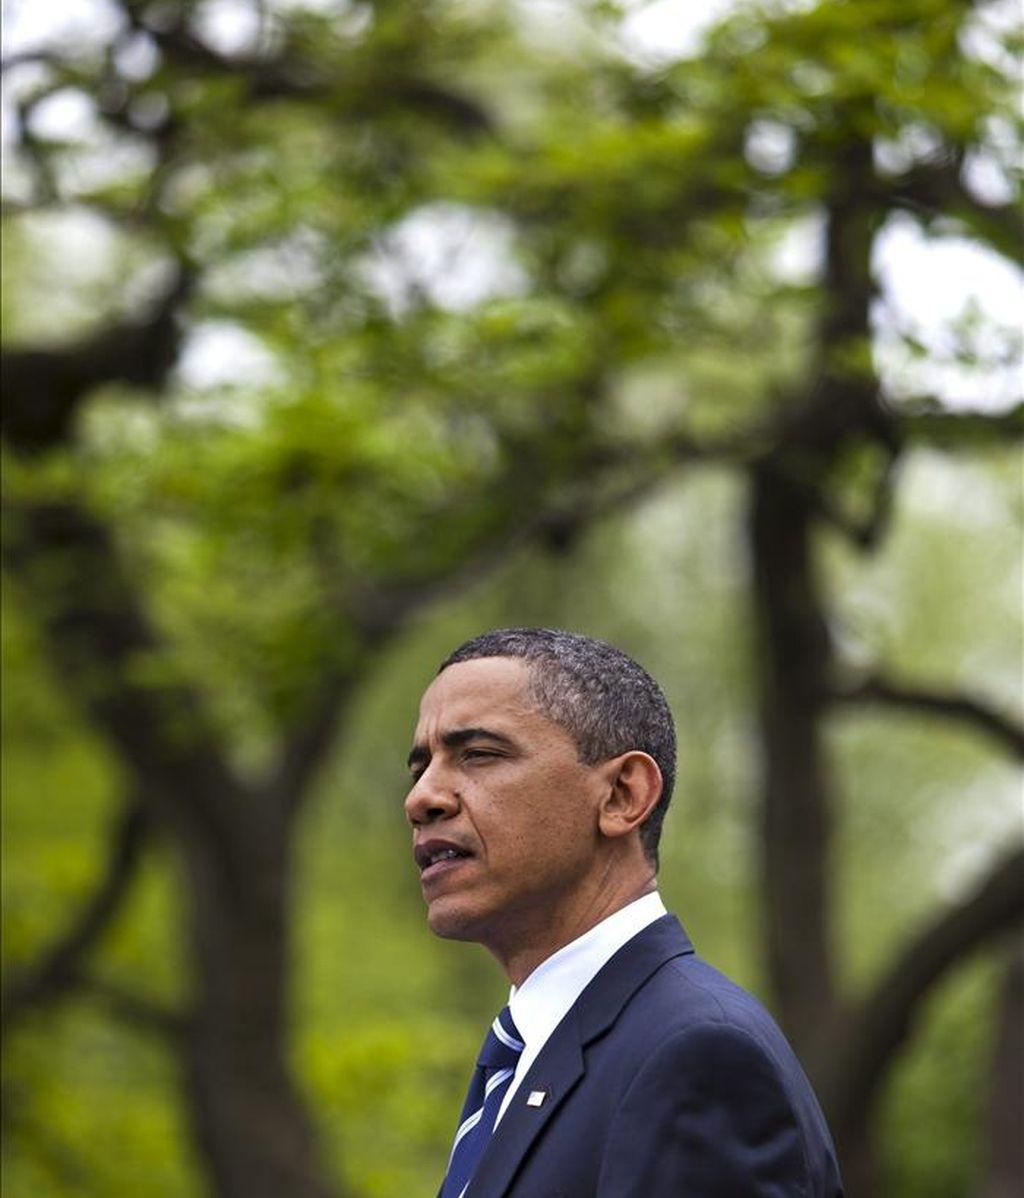 El presidente estadounidense, Barack Obama, ayer, 18 de abril de 2011, en la Rosaleda en la Casa Blanca en Washington DC, Estados Unidos. EFE